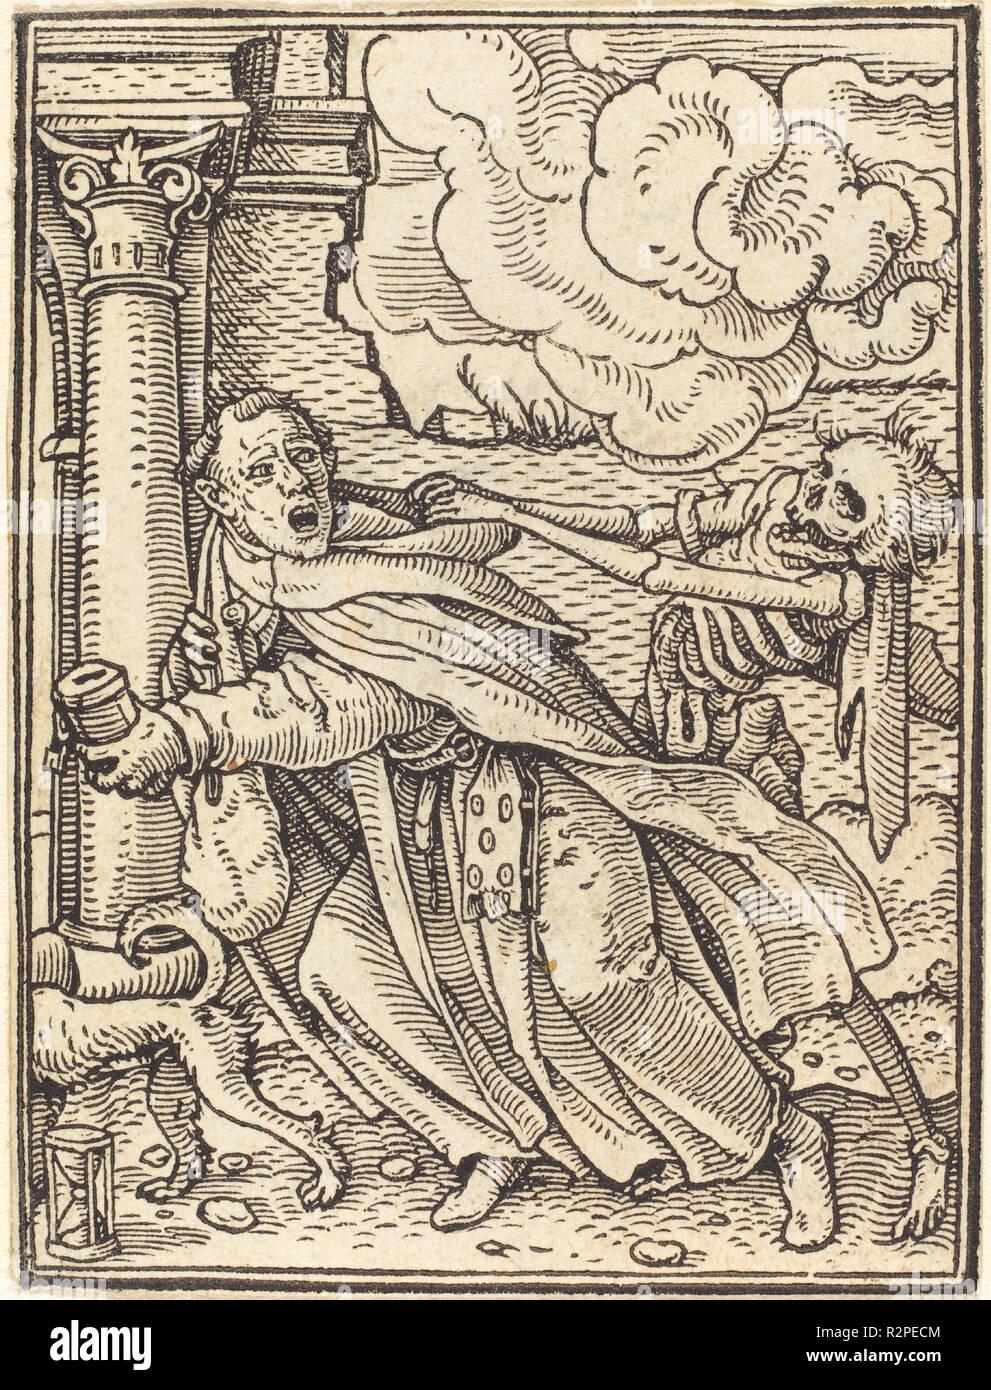 Frate cercatore. Medium: xilografia. Museo: National Gallery of Art di Washington DC. Autore: Hans Holbein il Giovane. Immagini Stock